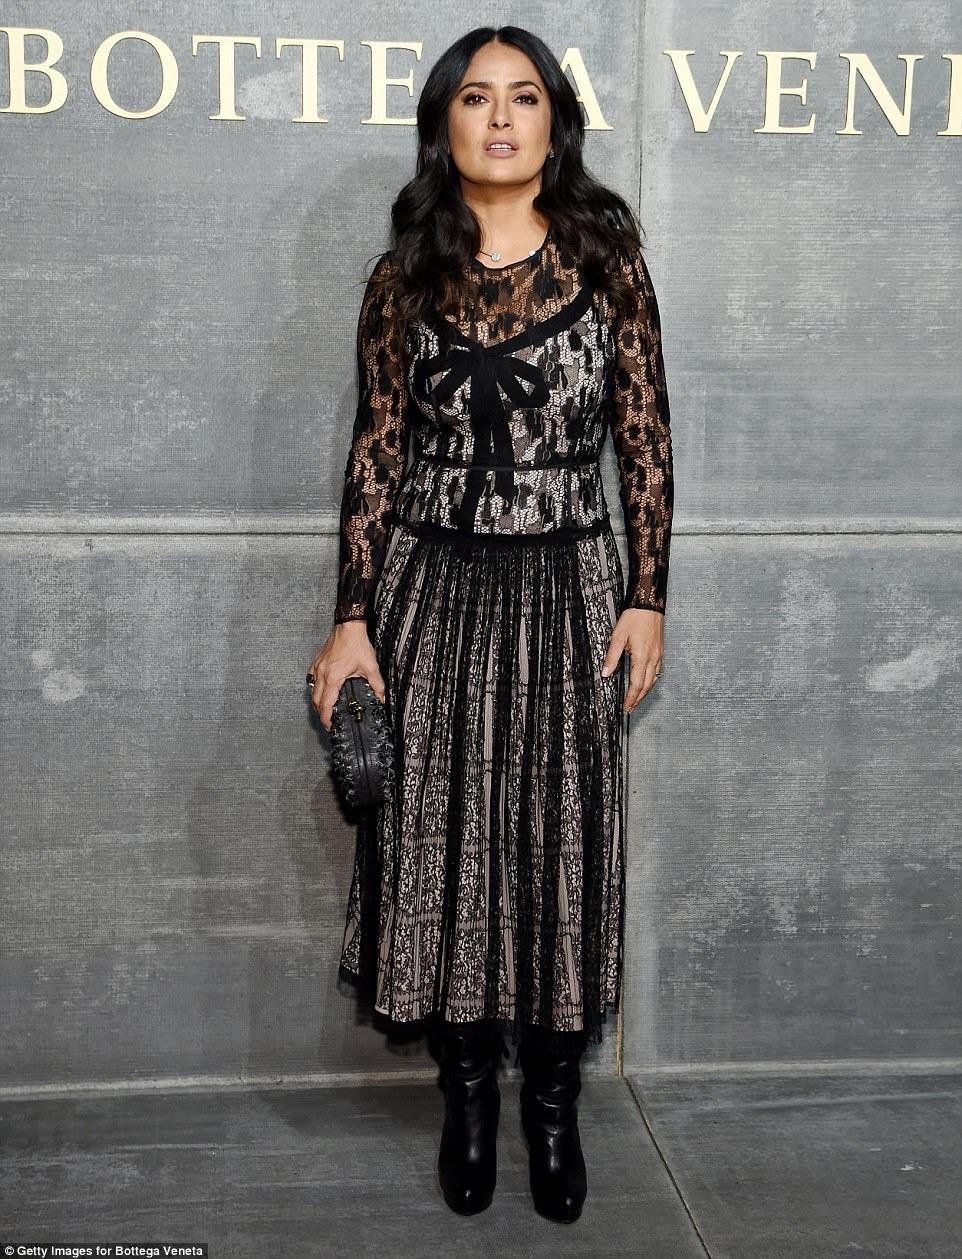 Vestido extravagante: Salma Hayek Pinault, de 51 anos, parecia fenomenal em um vestido de dente de mangas compridas, que apresentava um pescoço alto e um arco detalhando o glamour sofisticado